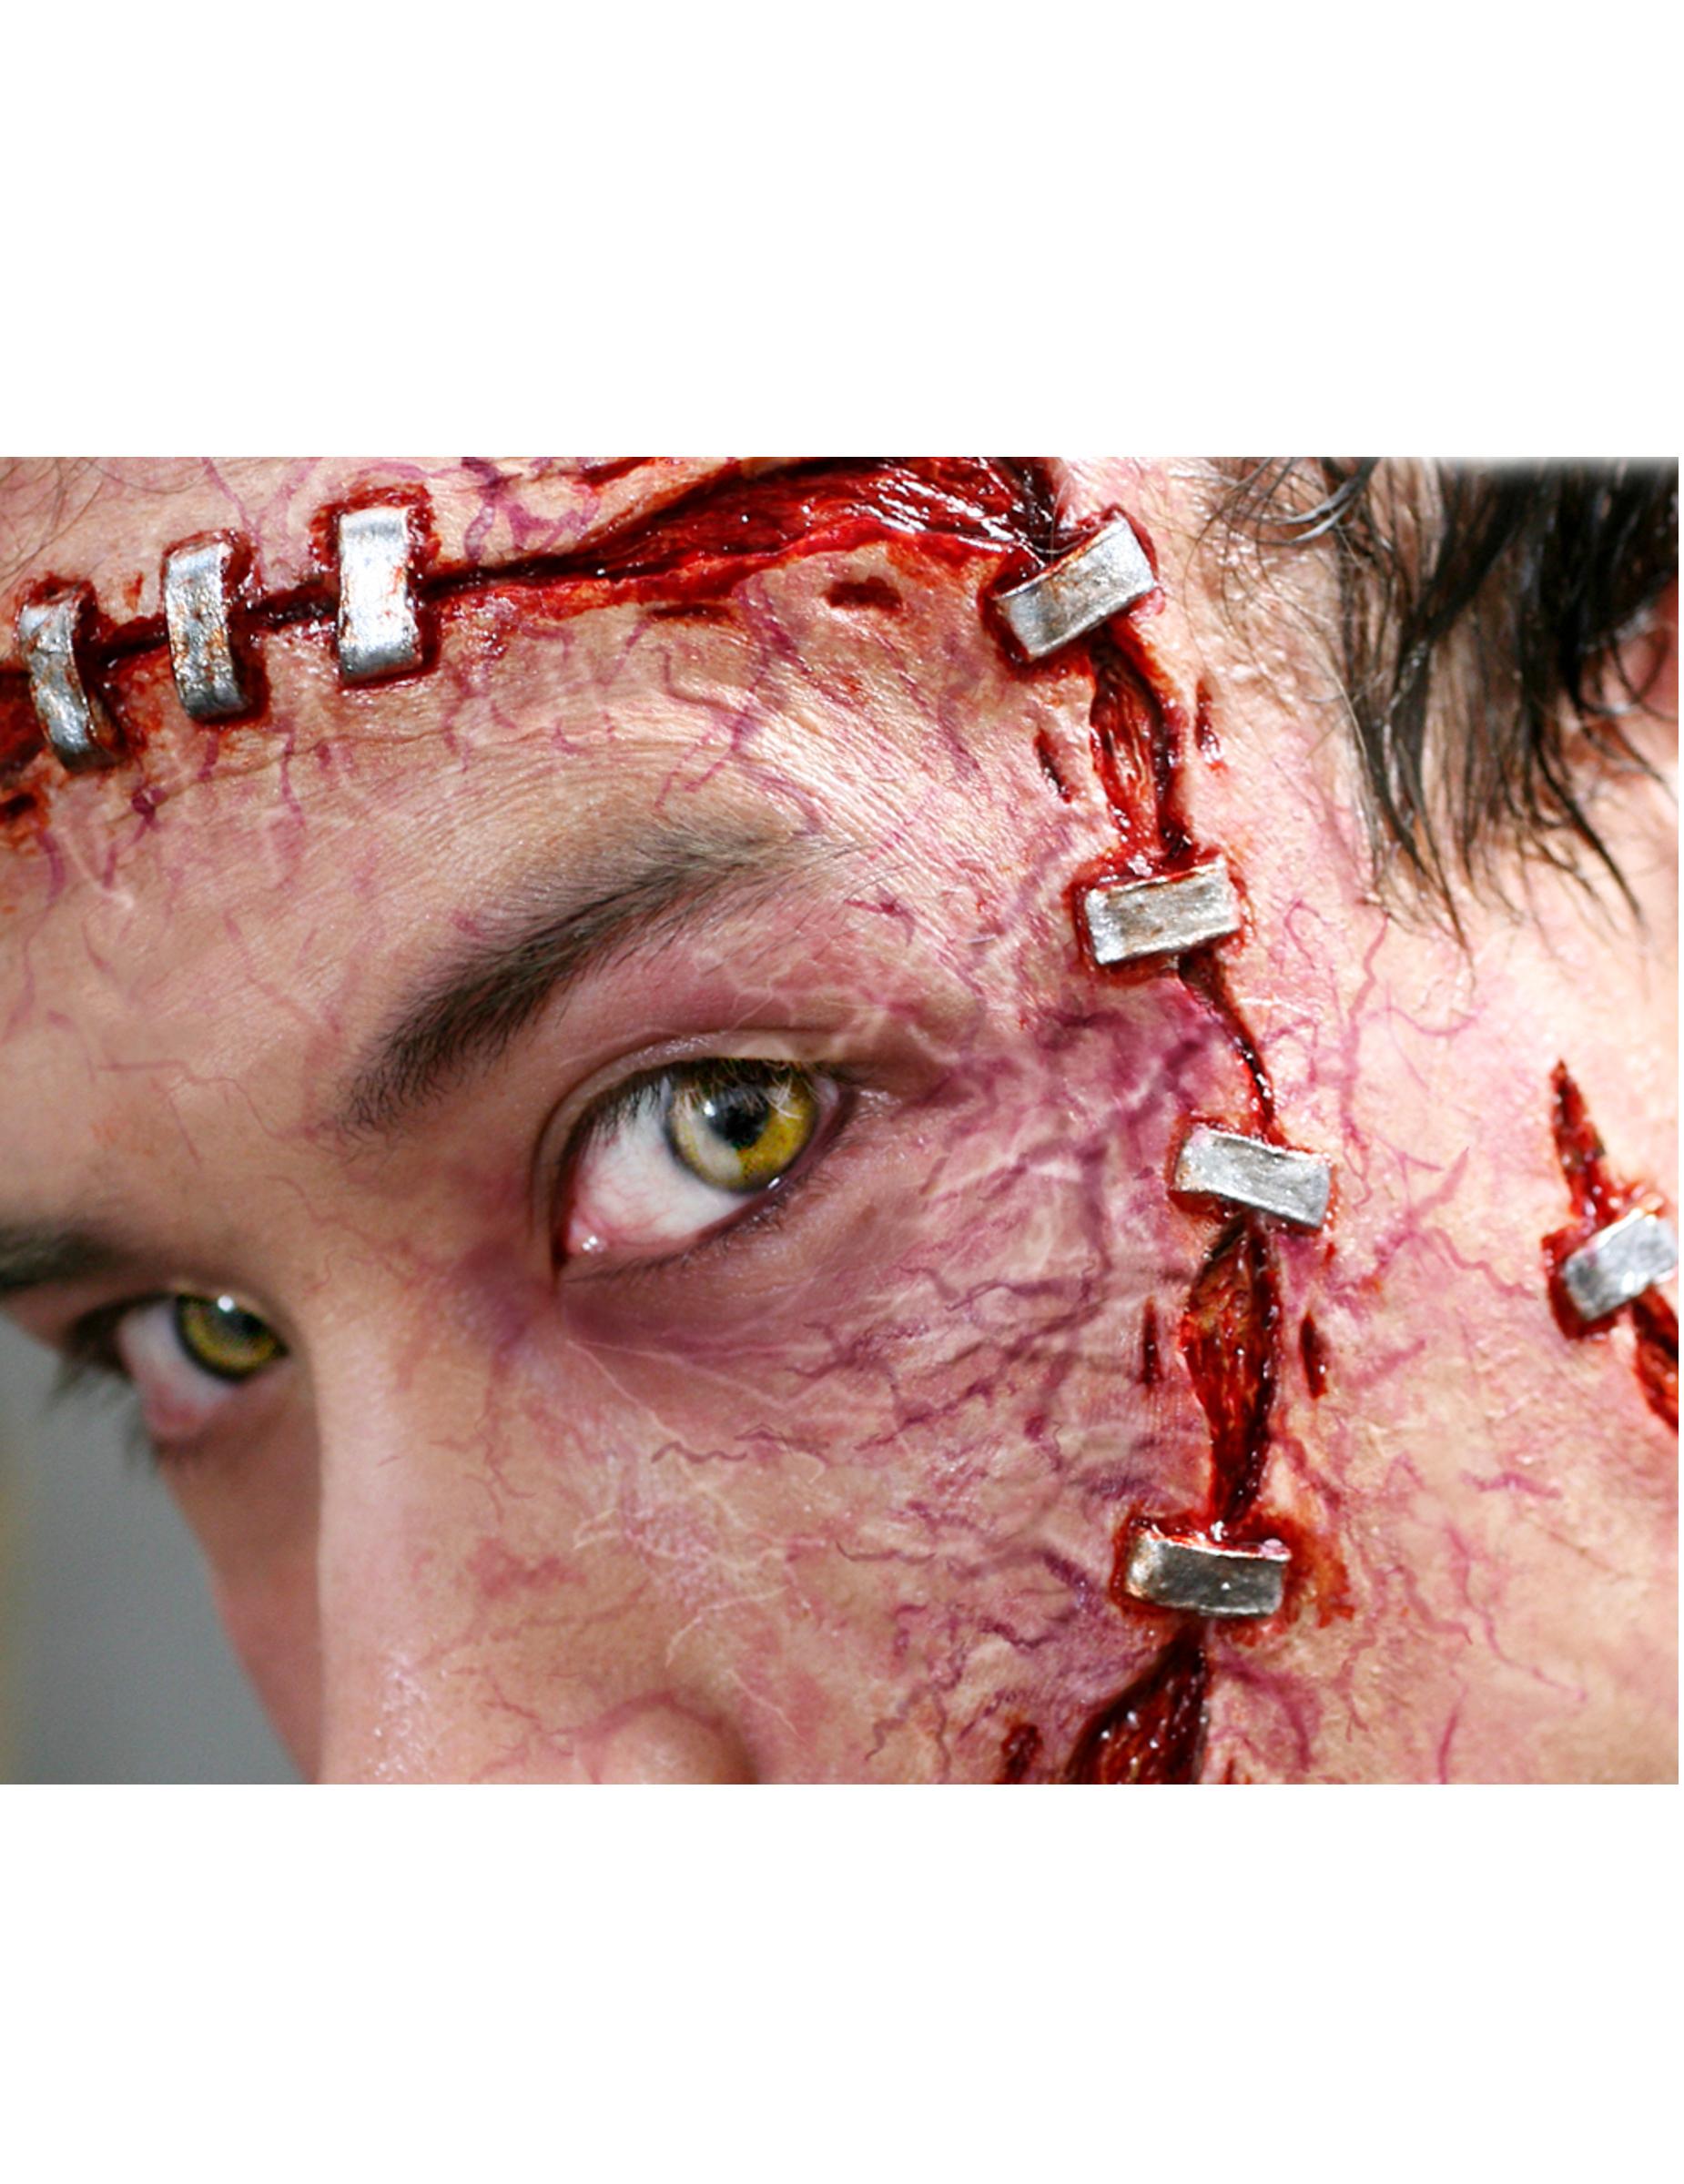 Les blessures pendant les rapports sexuels chez la femme